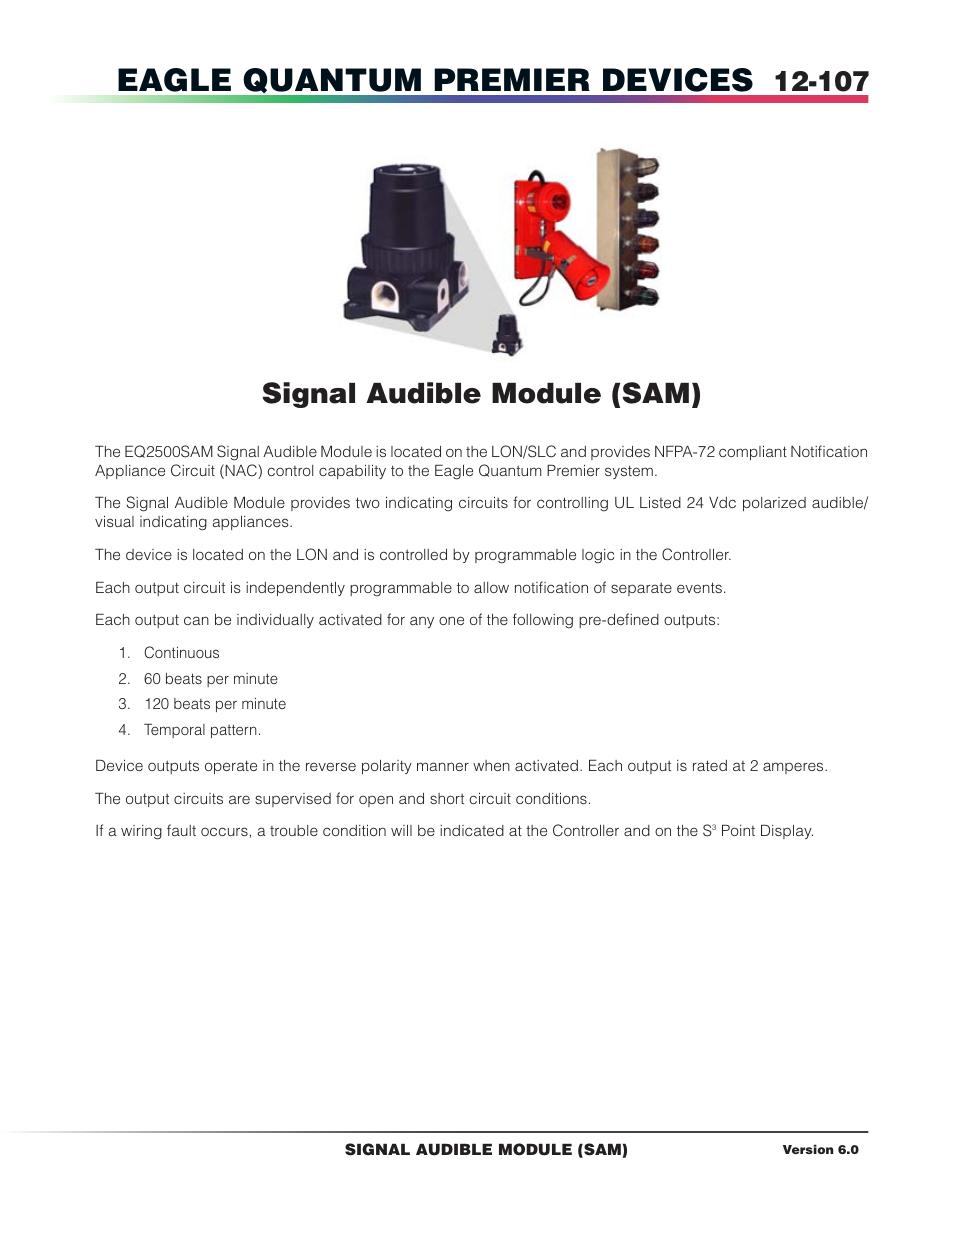 signal audible module sam eagle quantum premier devices det